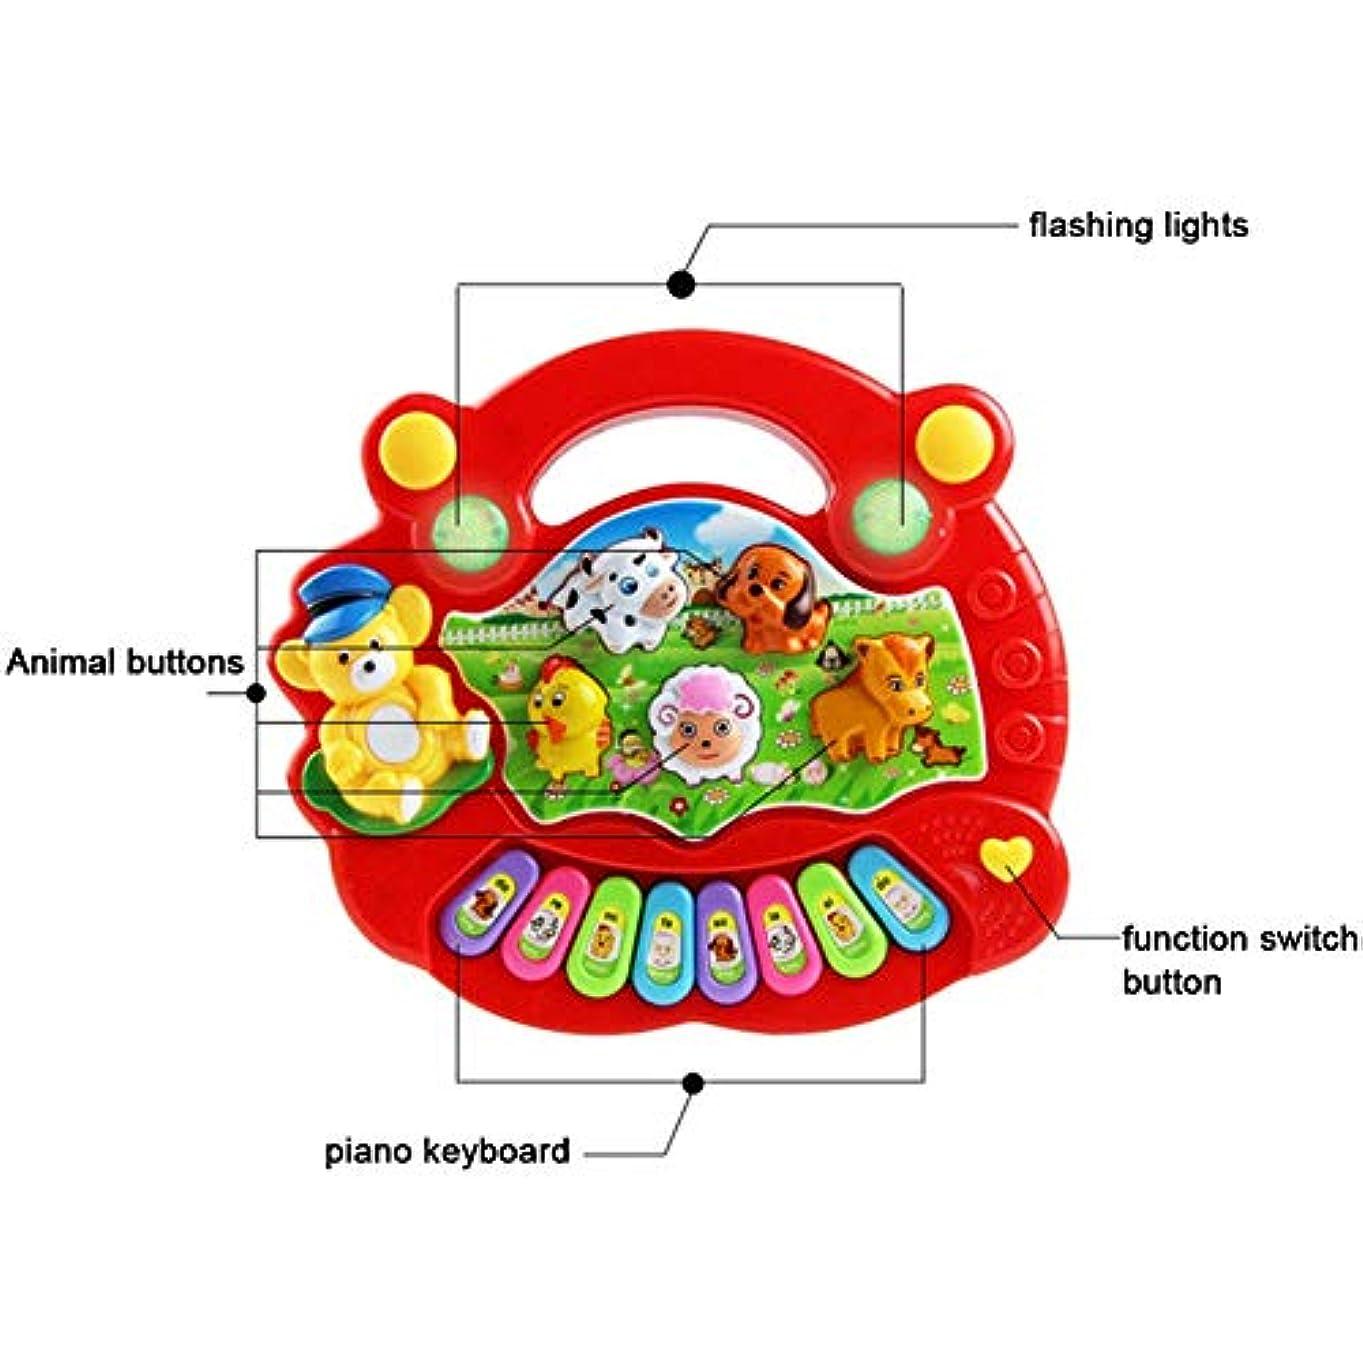 悲惨な最大限こするRabugoo ベビーキッズミュージカル教育動物園ピアノ発達的な音楽おもちゃギフト red